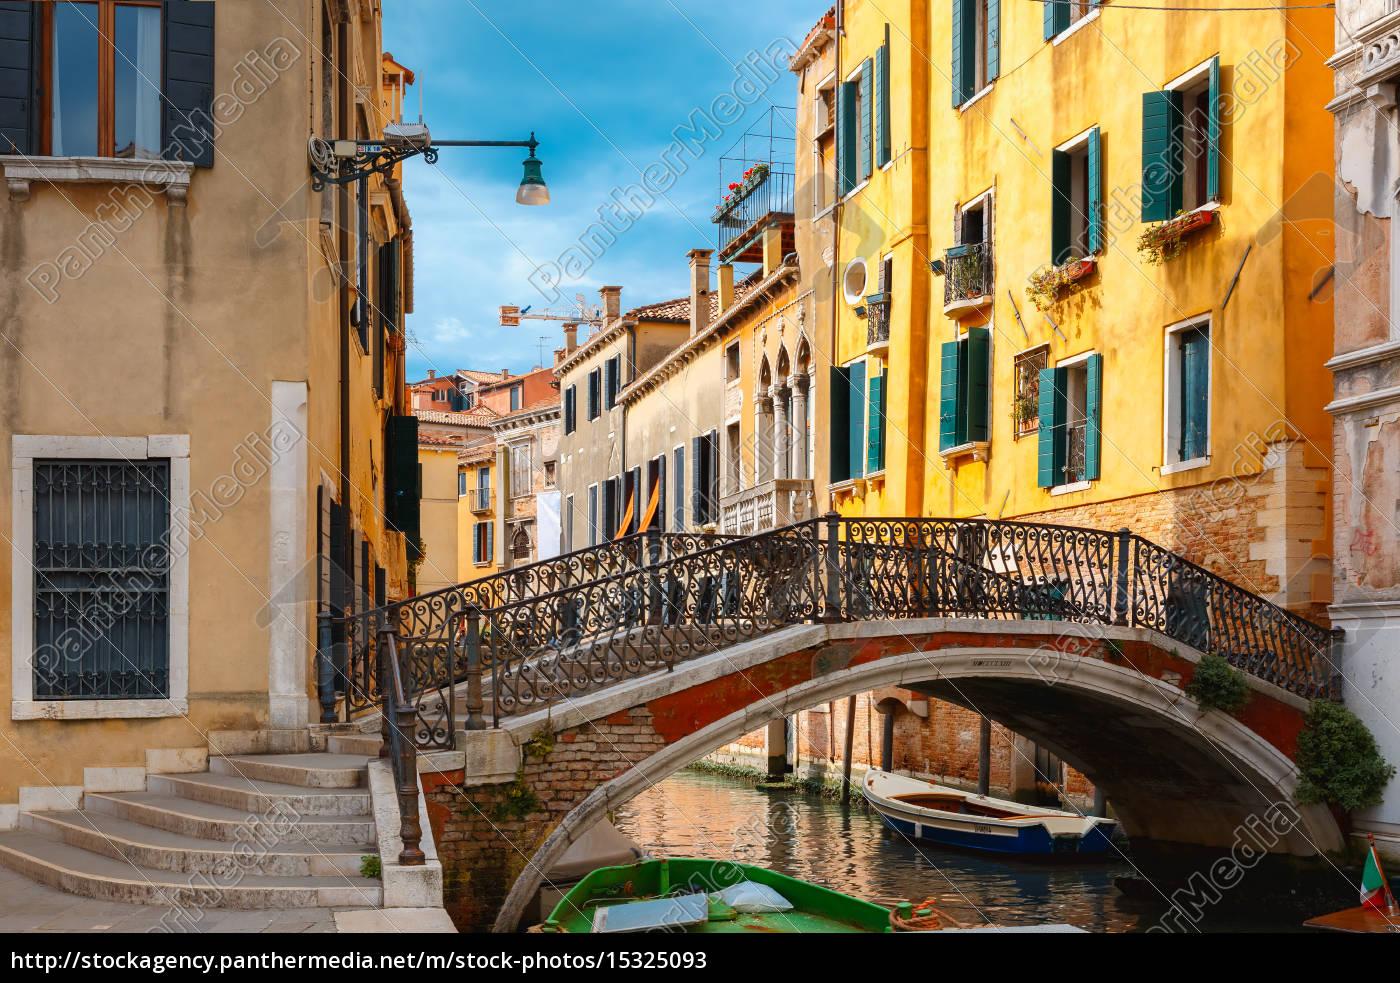 canal, lateral, colorido, y, puente, en - 15325093